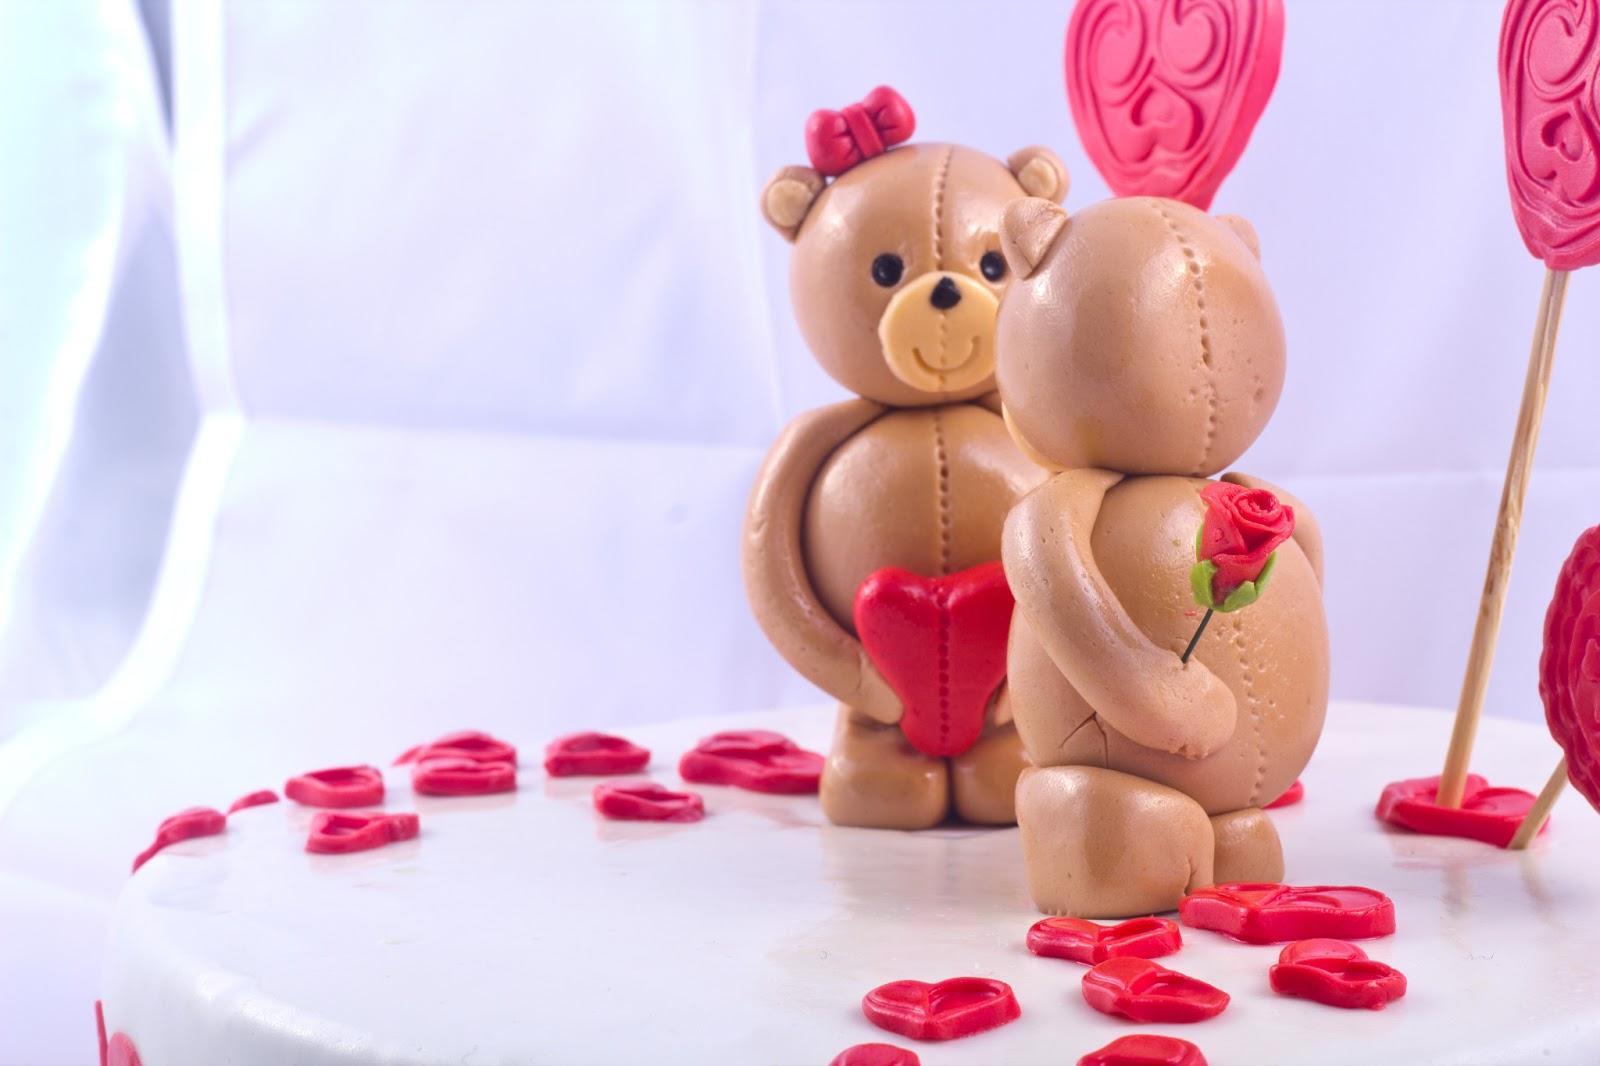 imagenes-gratis-google-de-amor-para-el-14-de-Febrero-dia-de-los-enamorados-13